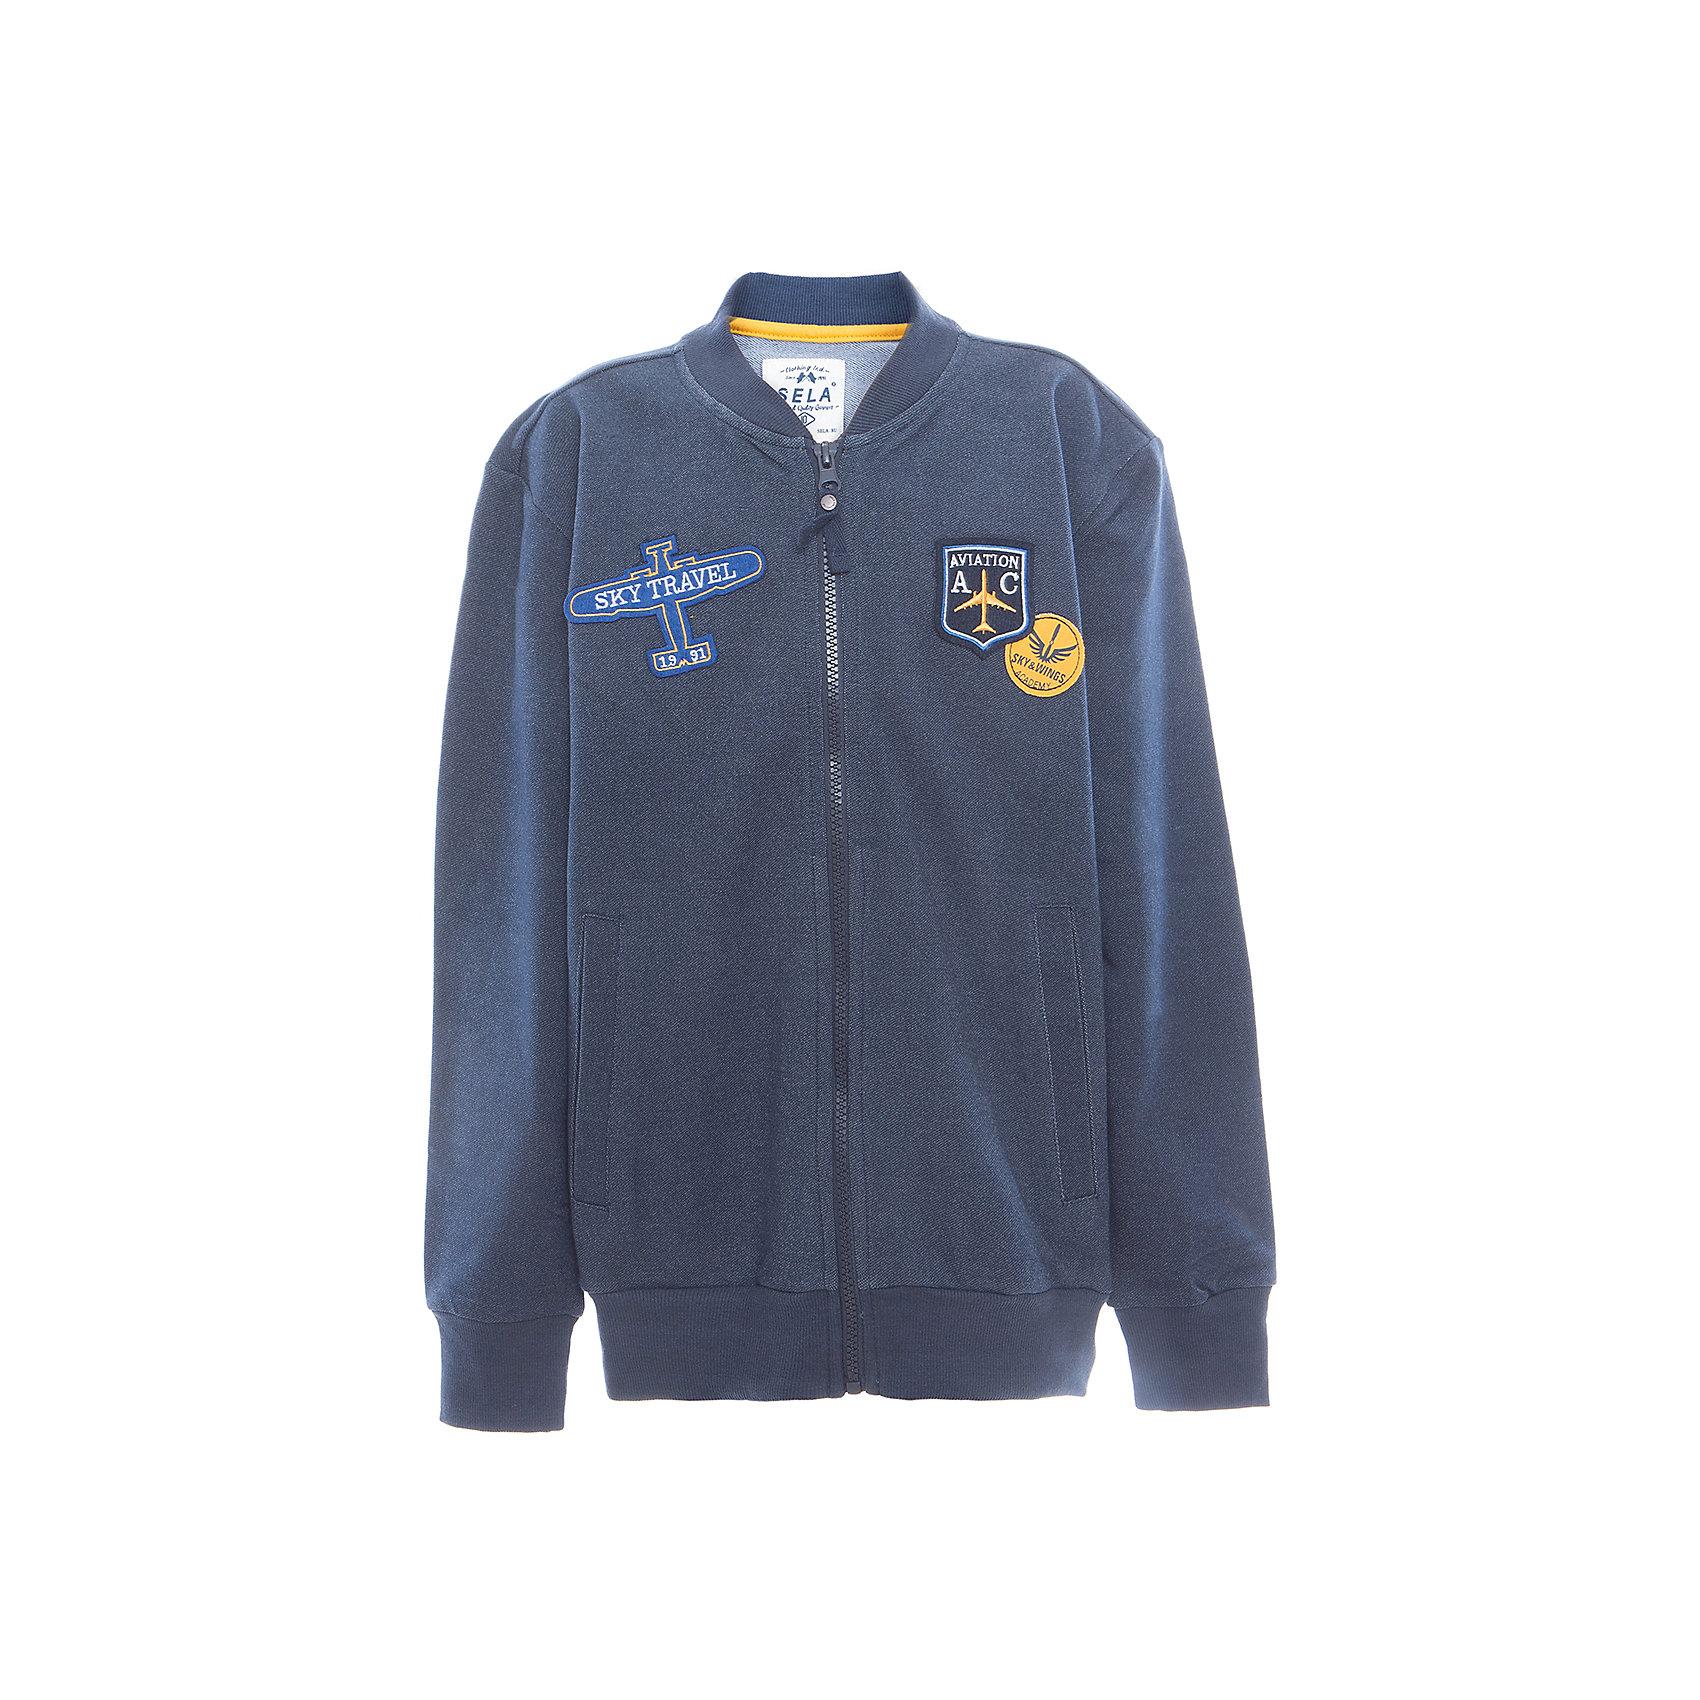 Куртка для мальчика SELAВерхняя одежда<br>Жакет для мальчика от известного бренда SELA<br>Состав:<br>59% хлопок, 39% ПЭ, 2% эластан<br><br>Ширина мм: 190<br>Глубина мм: 74<br>Высота мм: 229<br>Вес г: 236<br>Цвет: синий<br>Возраст от месяцев: 96<br>Возраст до месяцев: 108<br>Пол: Мужской<br>Возраст: Детский<br>Размер: 134,140,146,152,116,122,128<br>SKU: 5306631